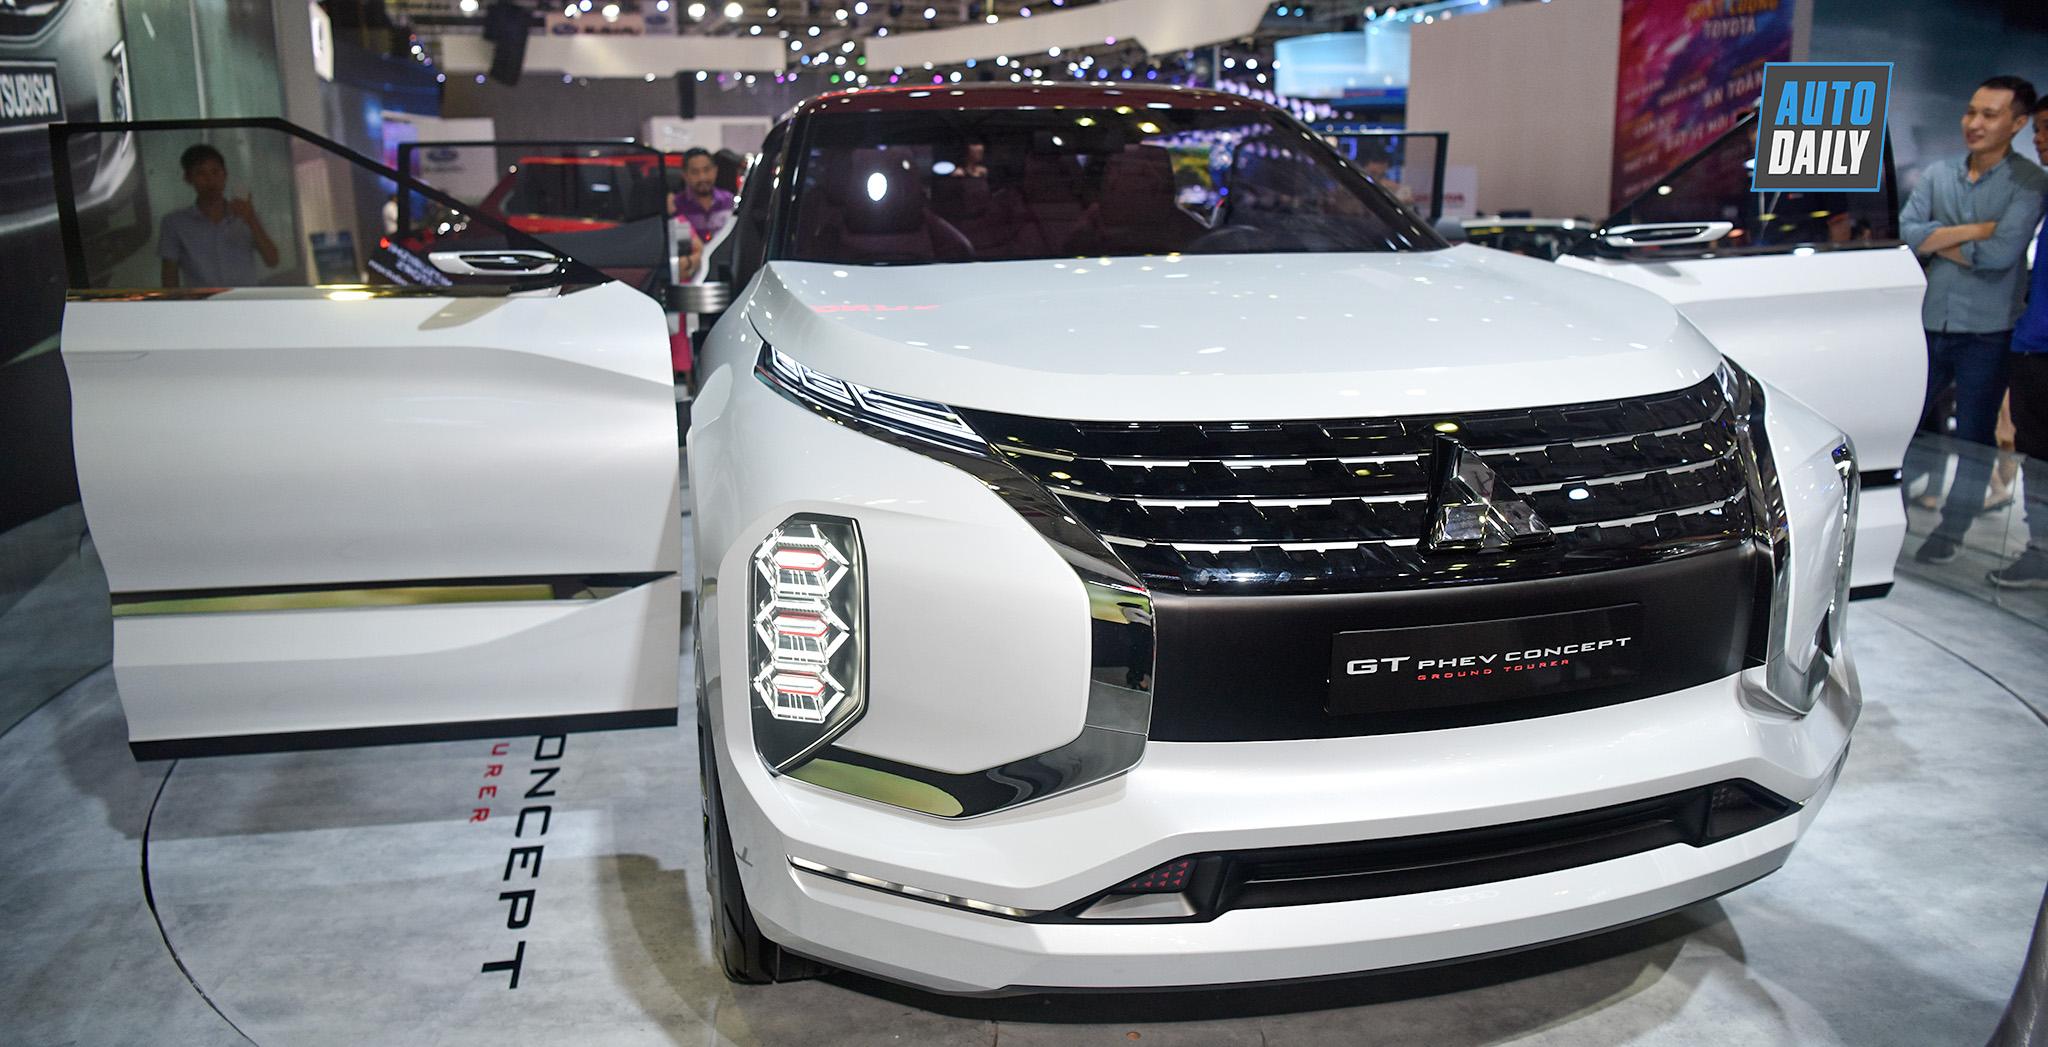 Chi tiết Mitsubishi GT-PHEV Concept tại Triển lãm Ô tô Việt Nam 2019